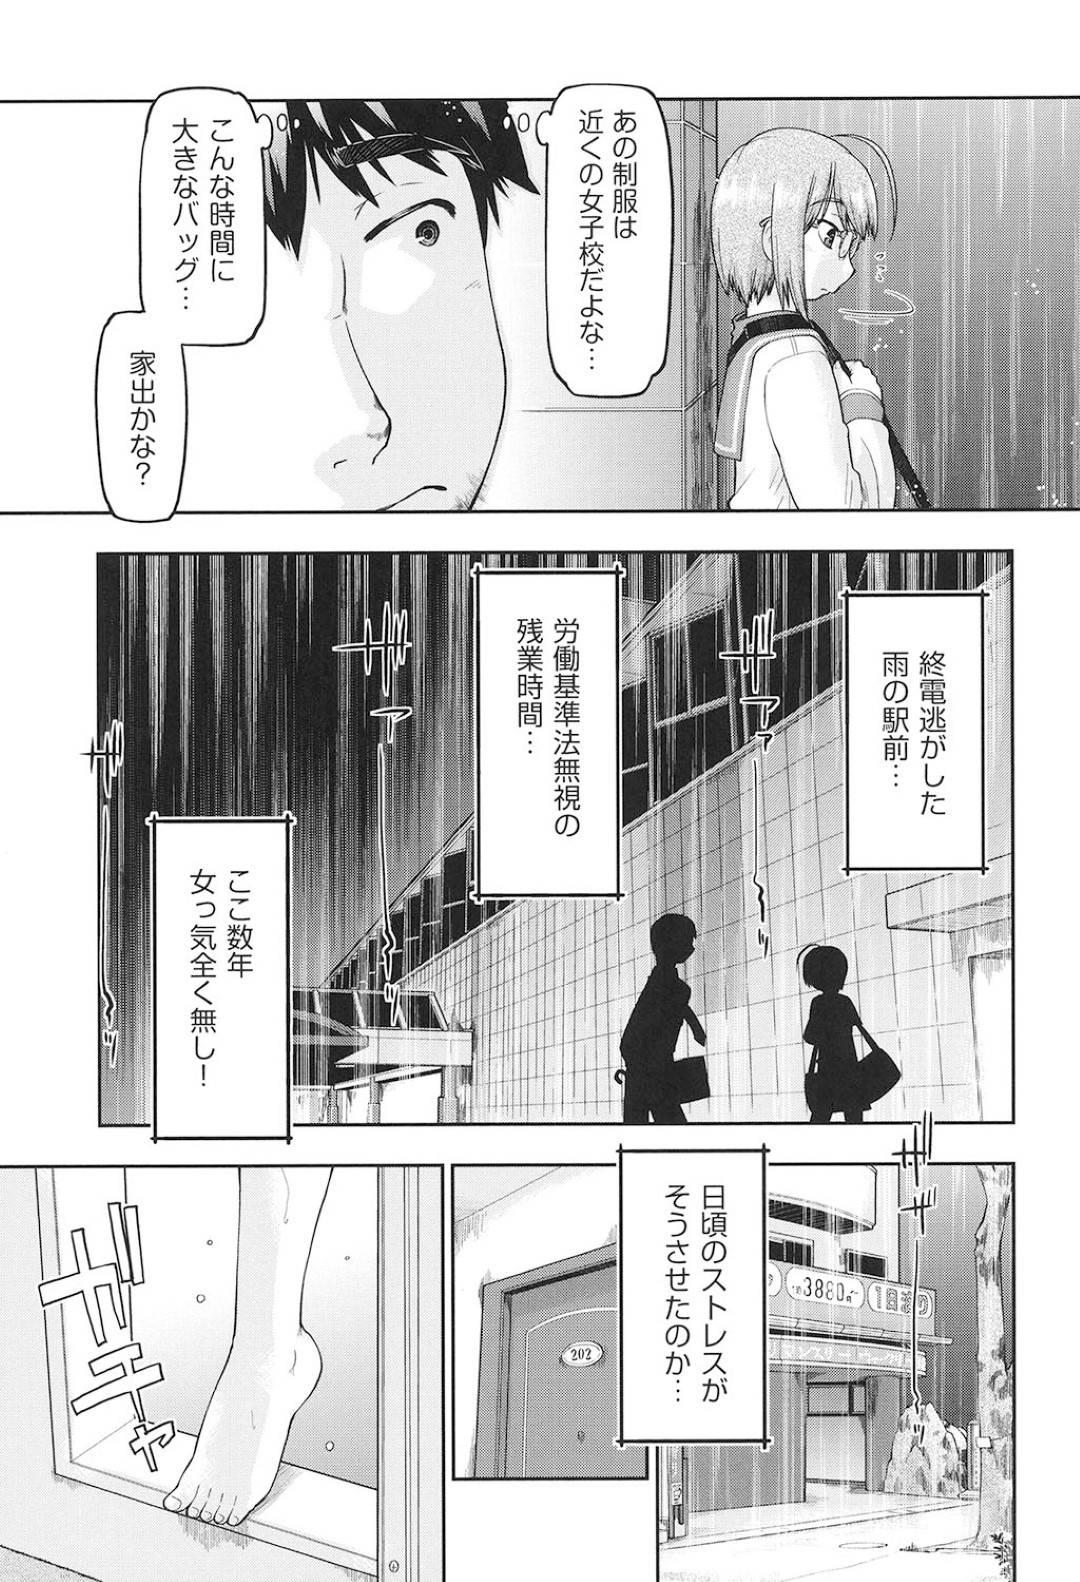 shuudenganakunattaekimaedeooamenochuuritsutteiruJC_shinsetsunaojisannikoewokaket